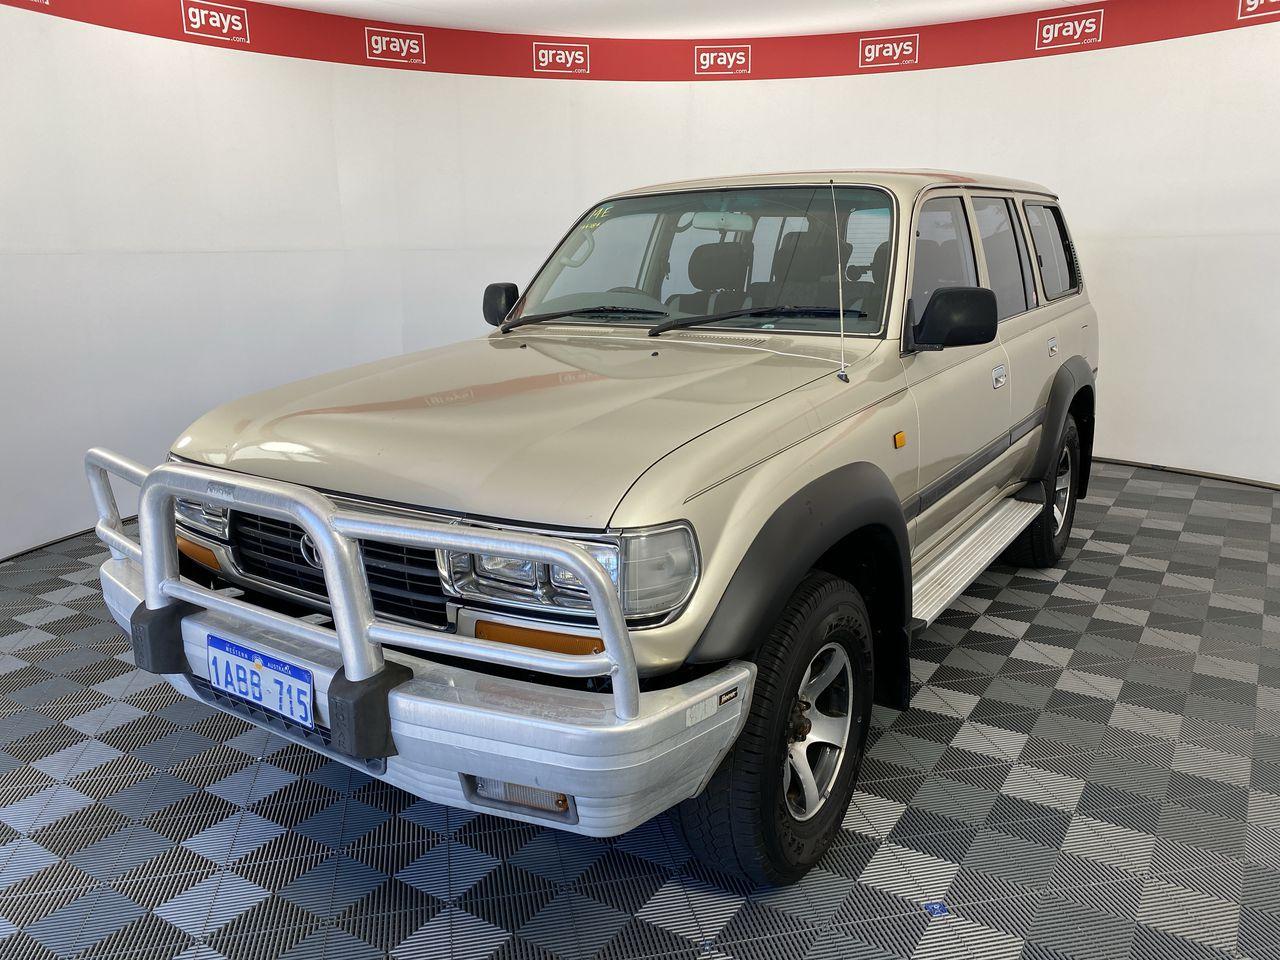 1996 Toyota Landcruiser GXL (4x4) FZJ80 Automatic 7 Seats Wagon